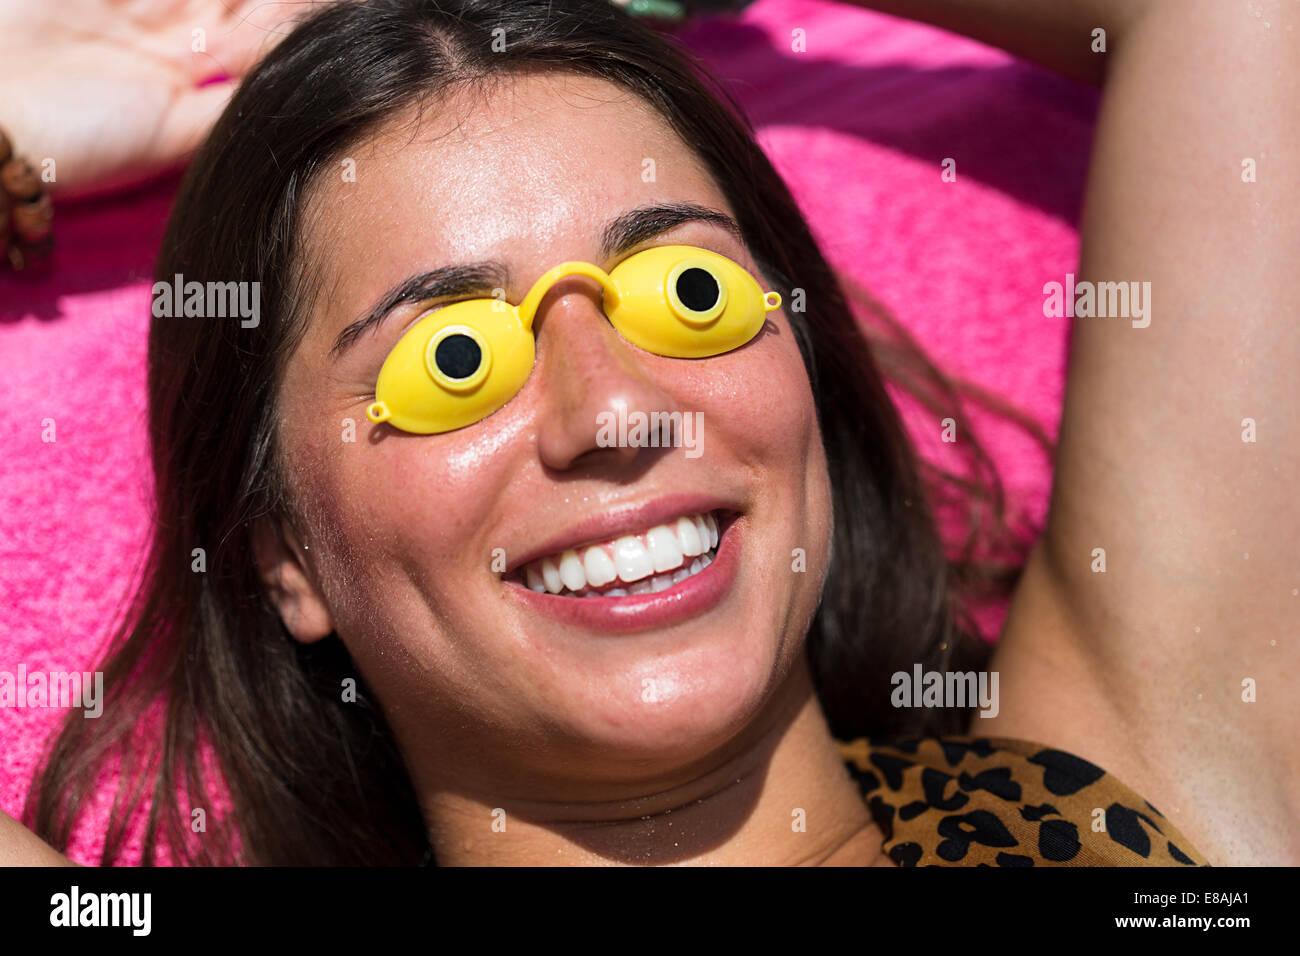 Ritratto di giovane donna a prendere il sole, indossare gli occhiali di protezione Immagini Stock